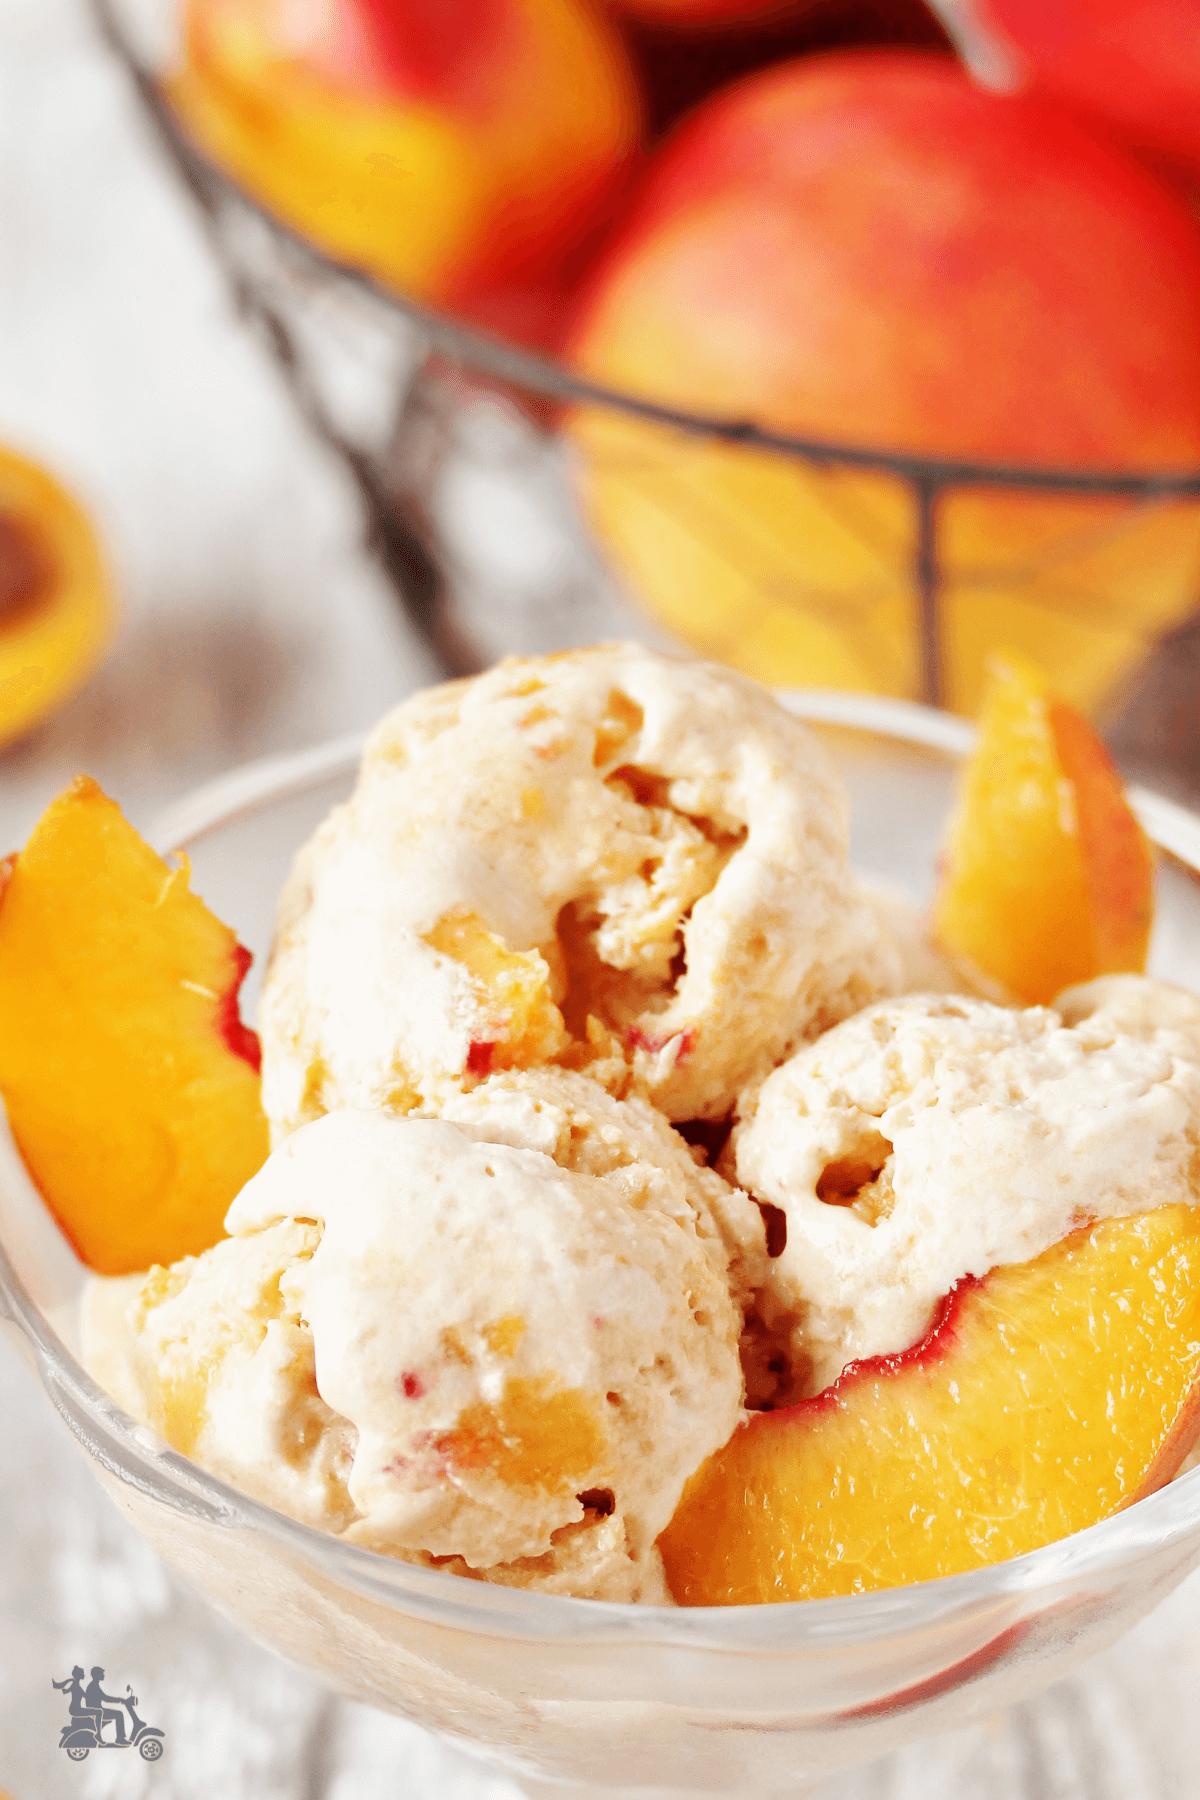 Peach no-churn ice cream in bowl with peaches.